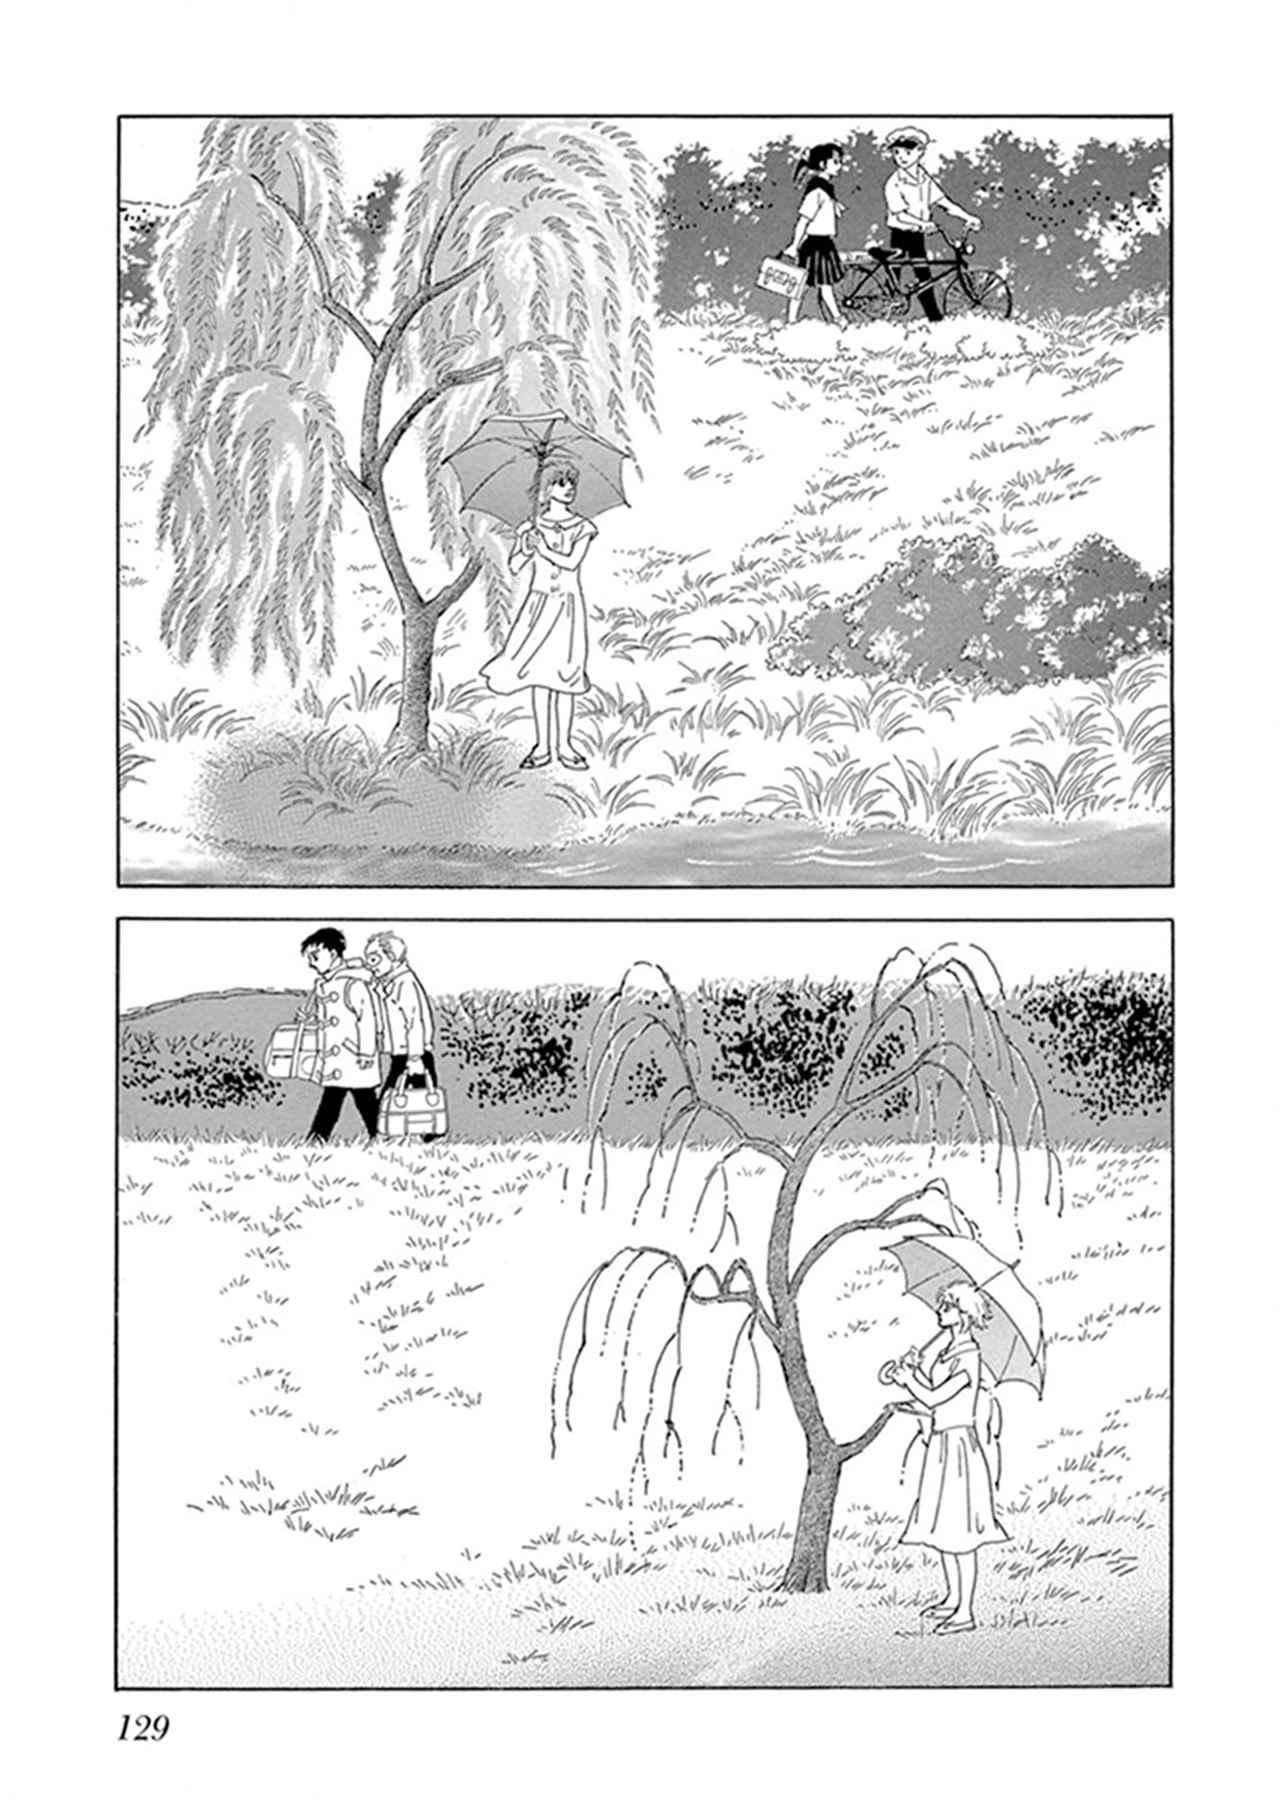 Images : 萩尾望都の「柳の木」(『山へ行く』/小学館 に収録)